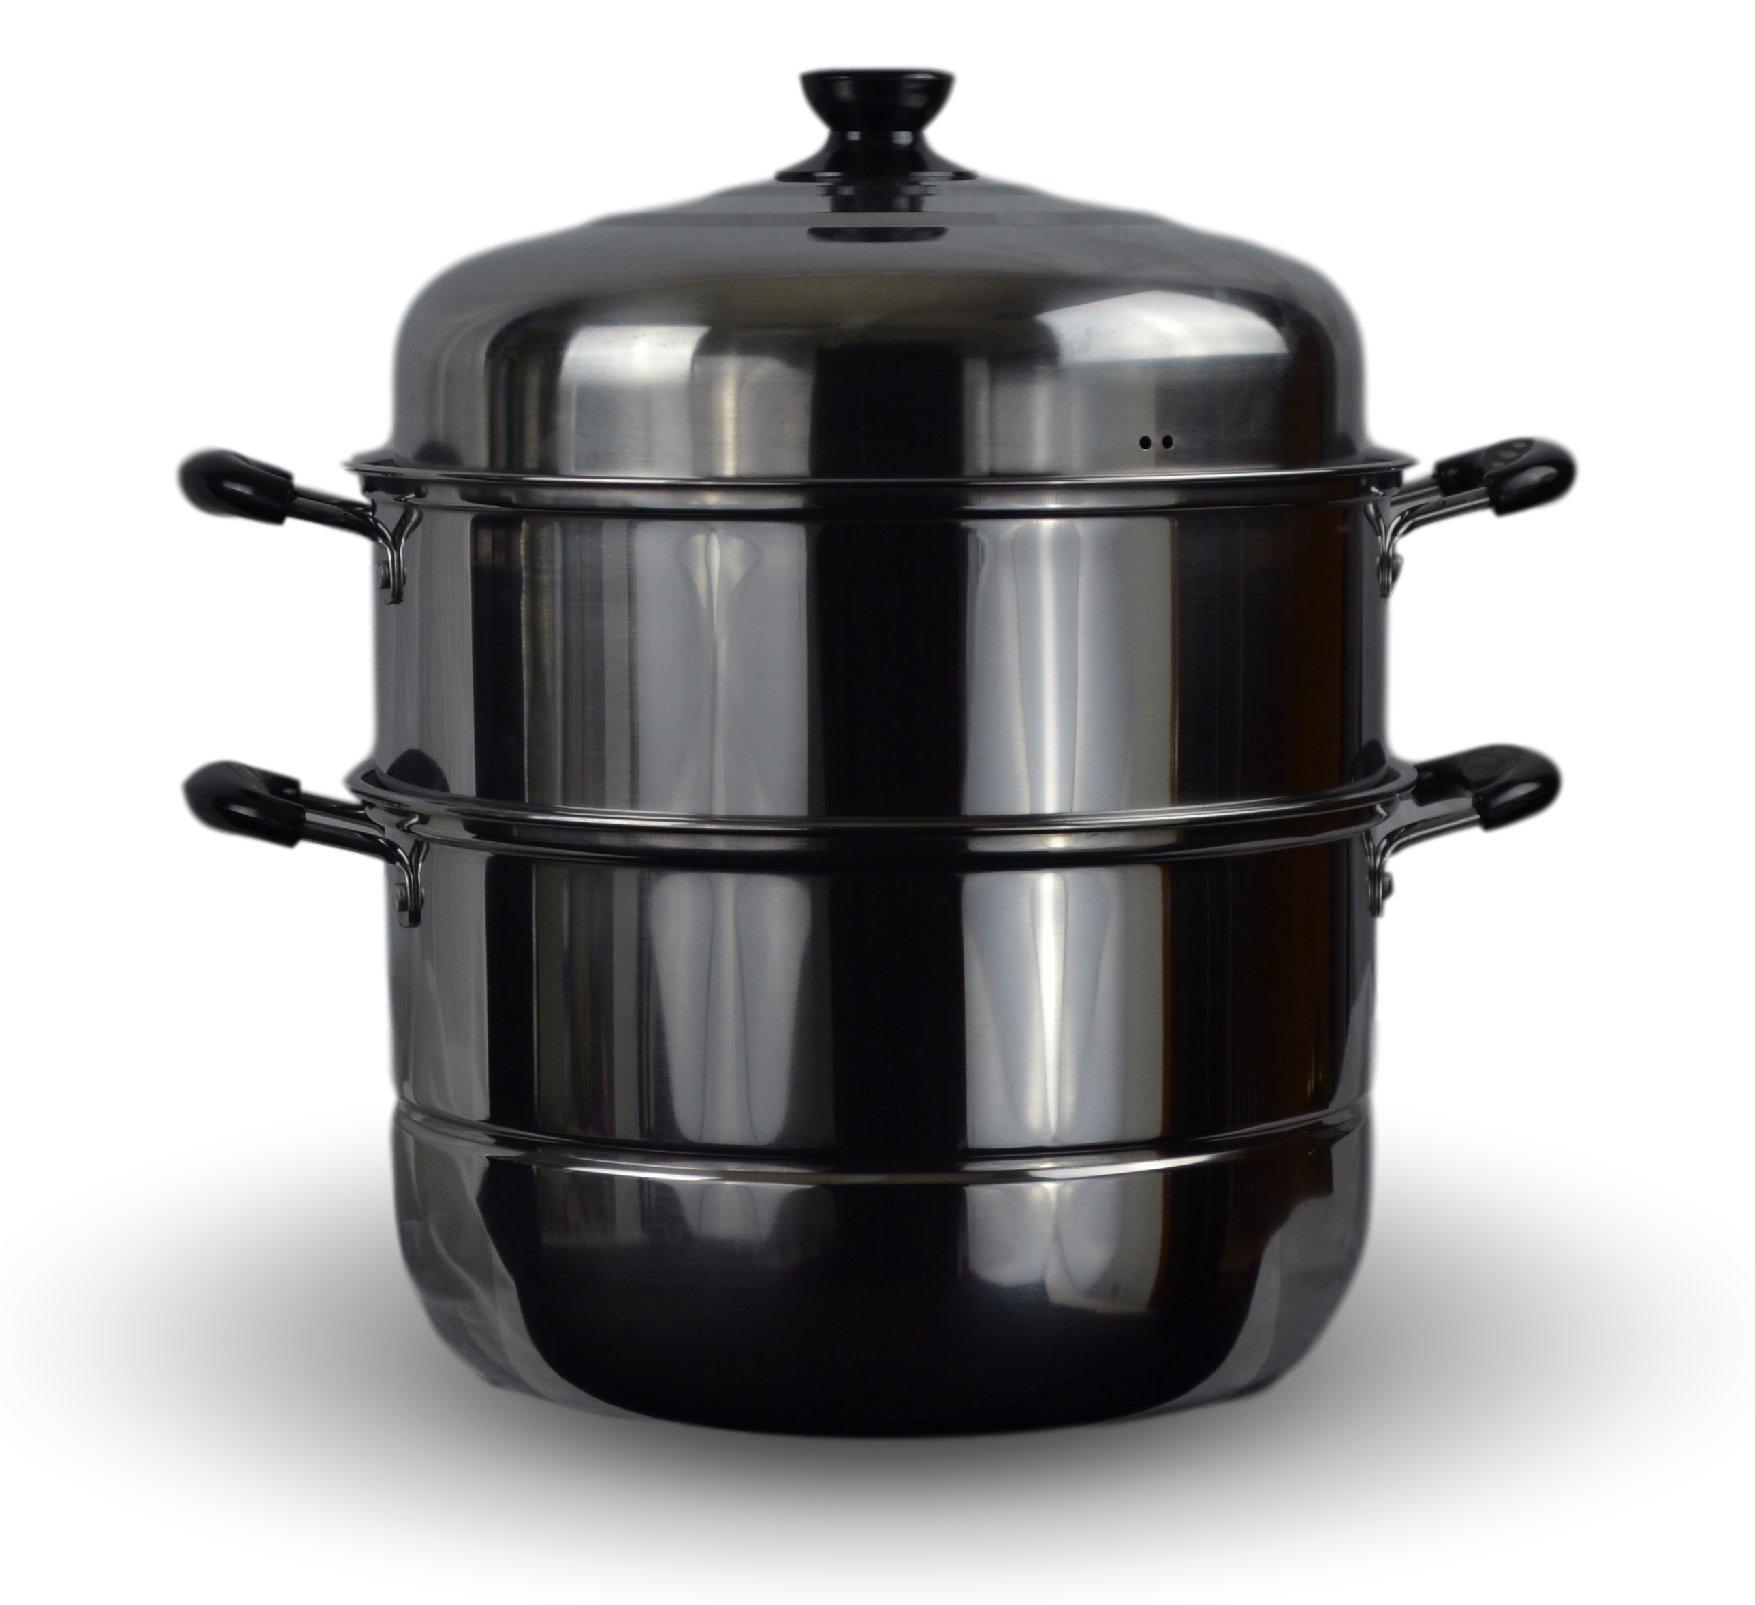 3 Tier Stainless Steel Steamer Cookware Pot (12'')